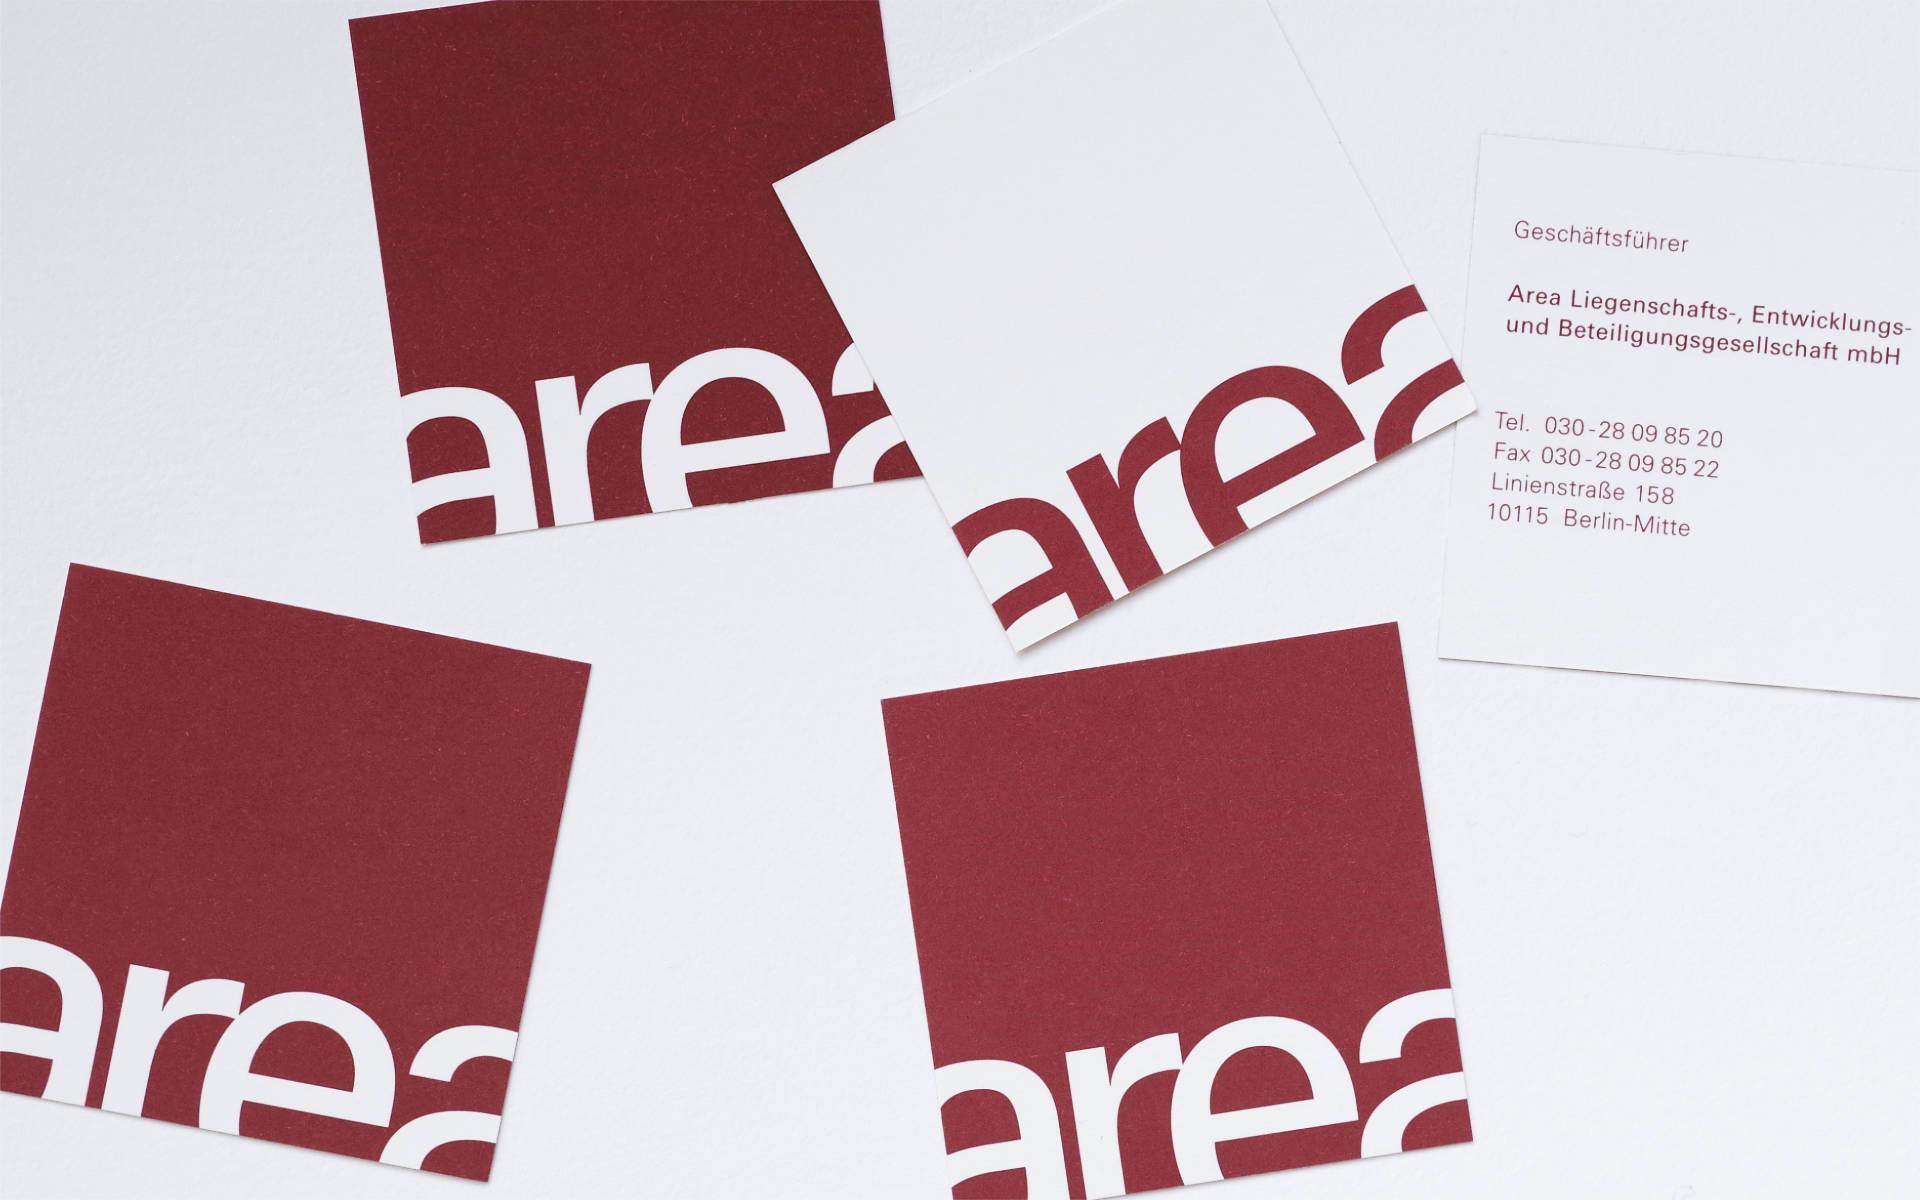 area Immobilien Entwicklung Visitenkarten Logoentwicklung